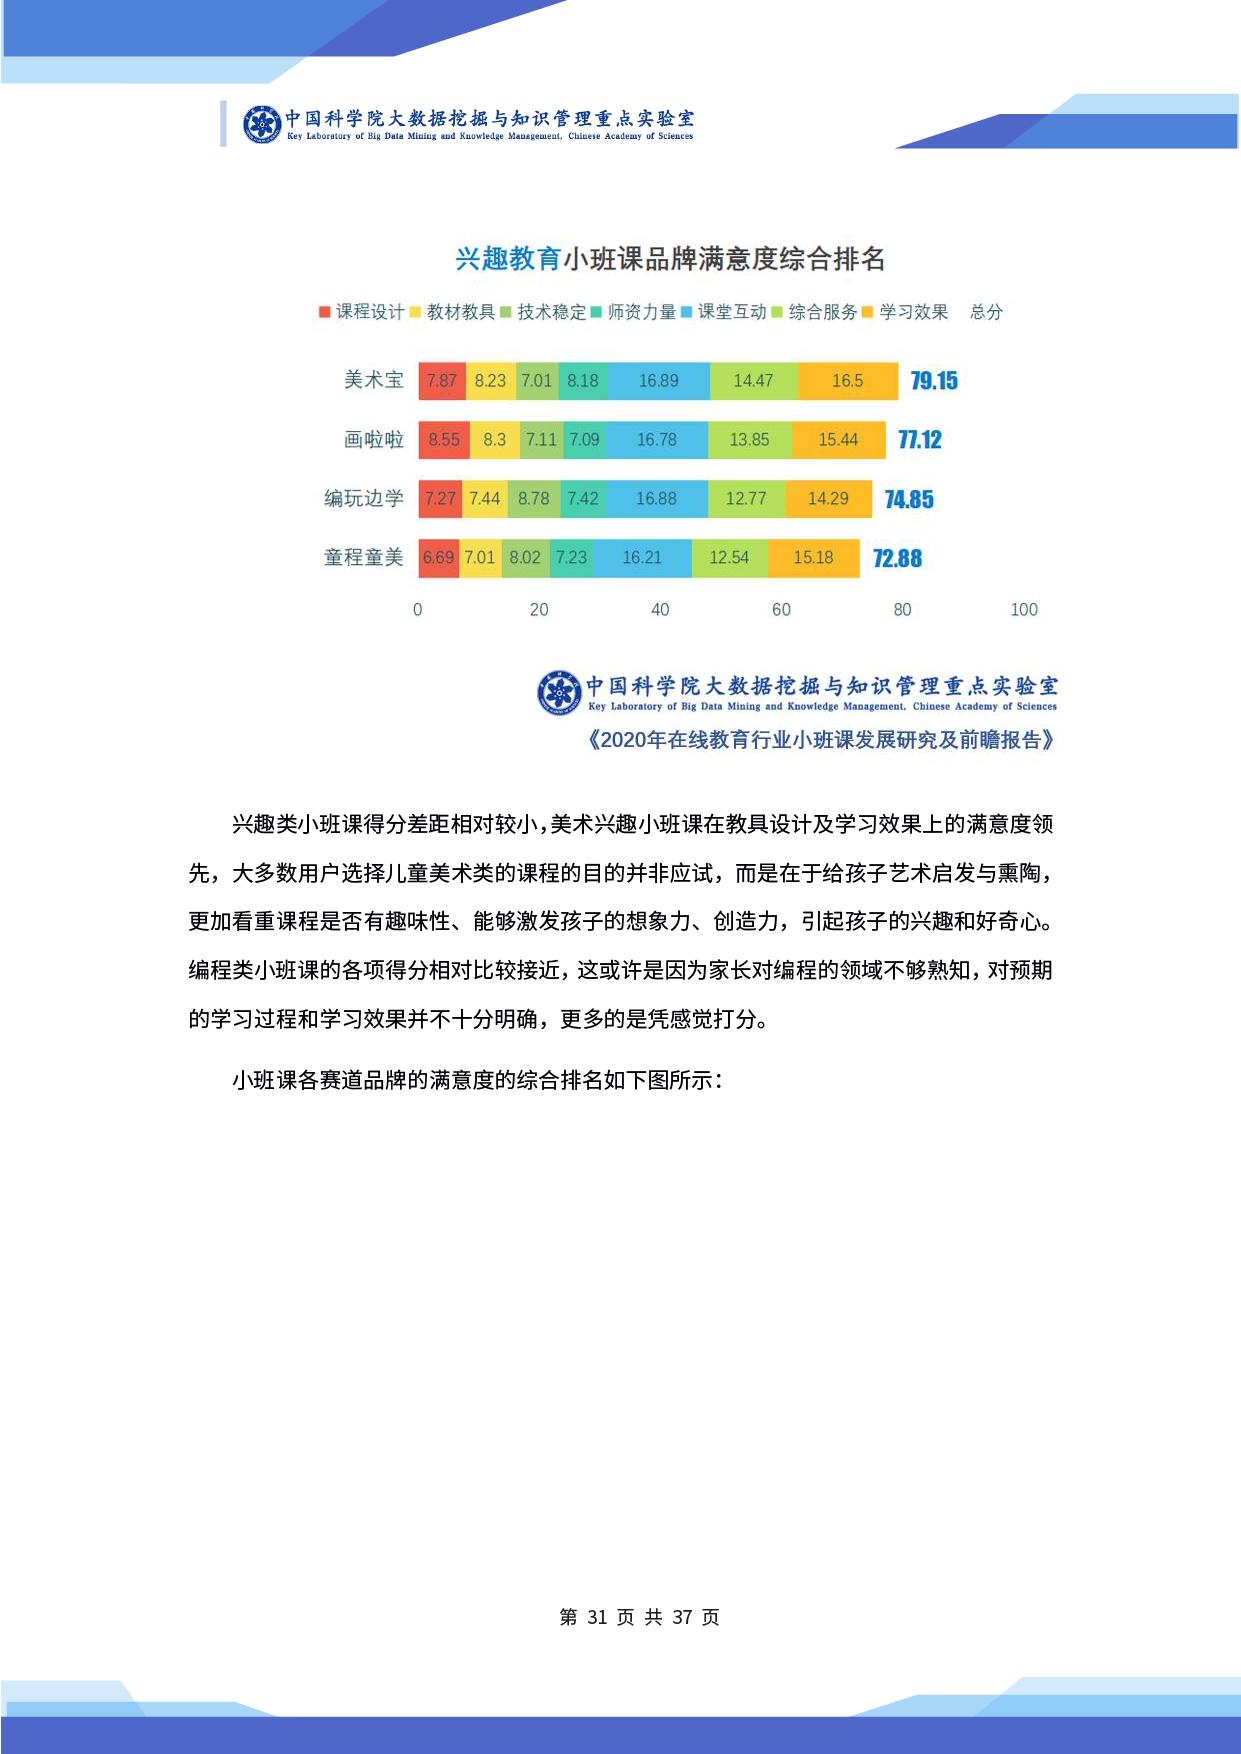 中科院发布《2020 年在线教育行业小班课发展研究及前瞻报告》